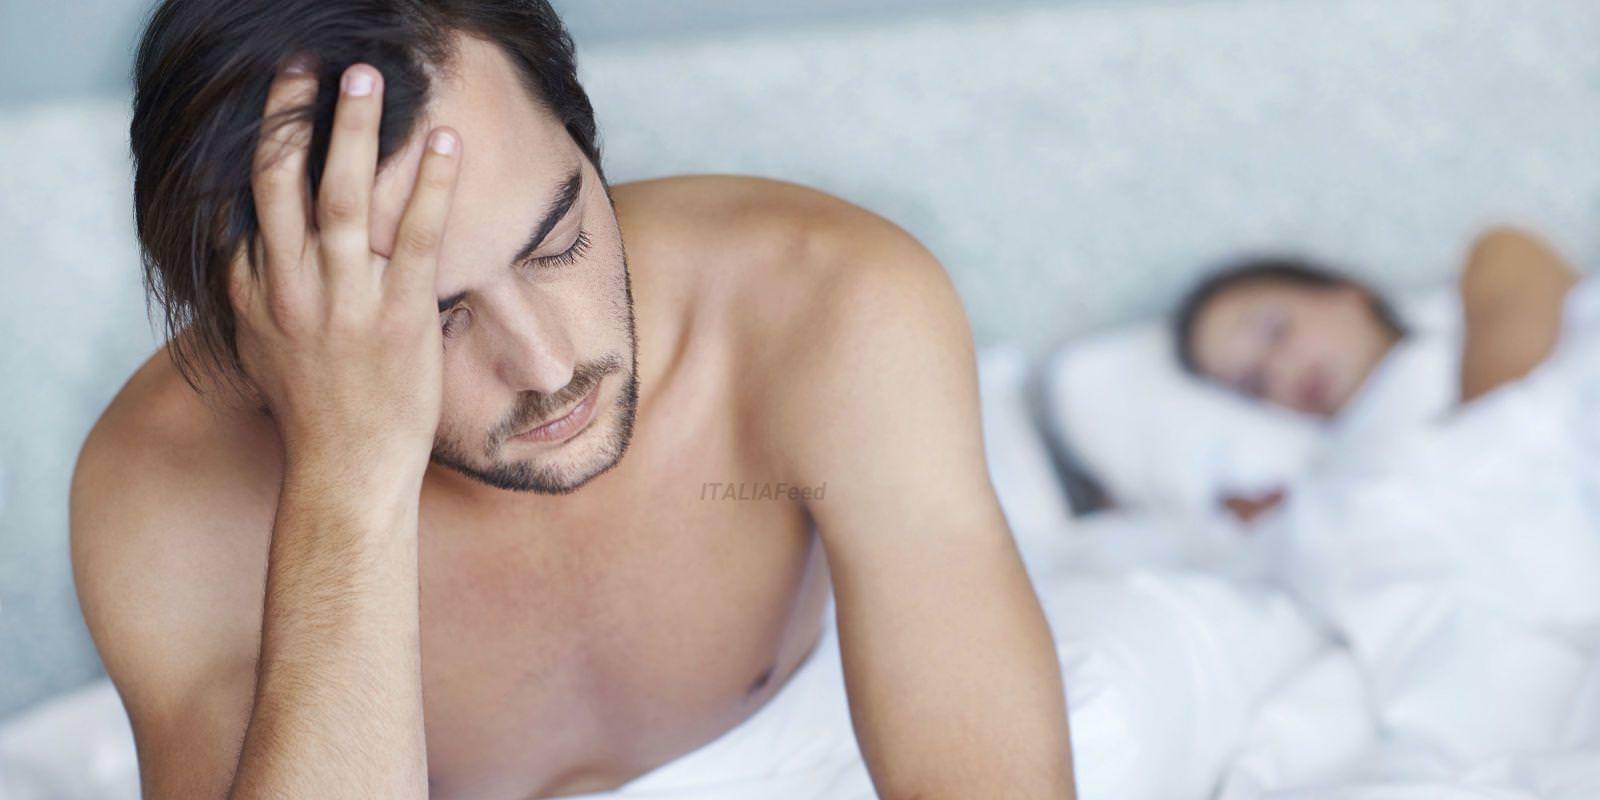 riduzione erezione cause psicologiche